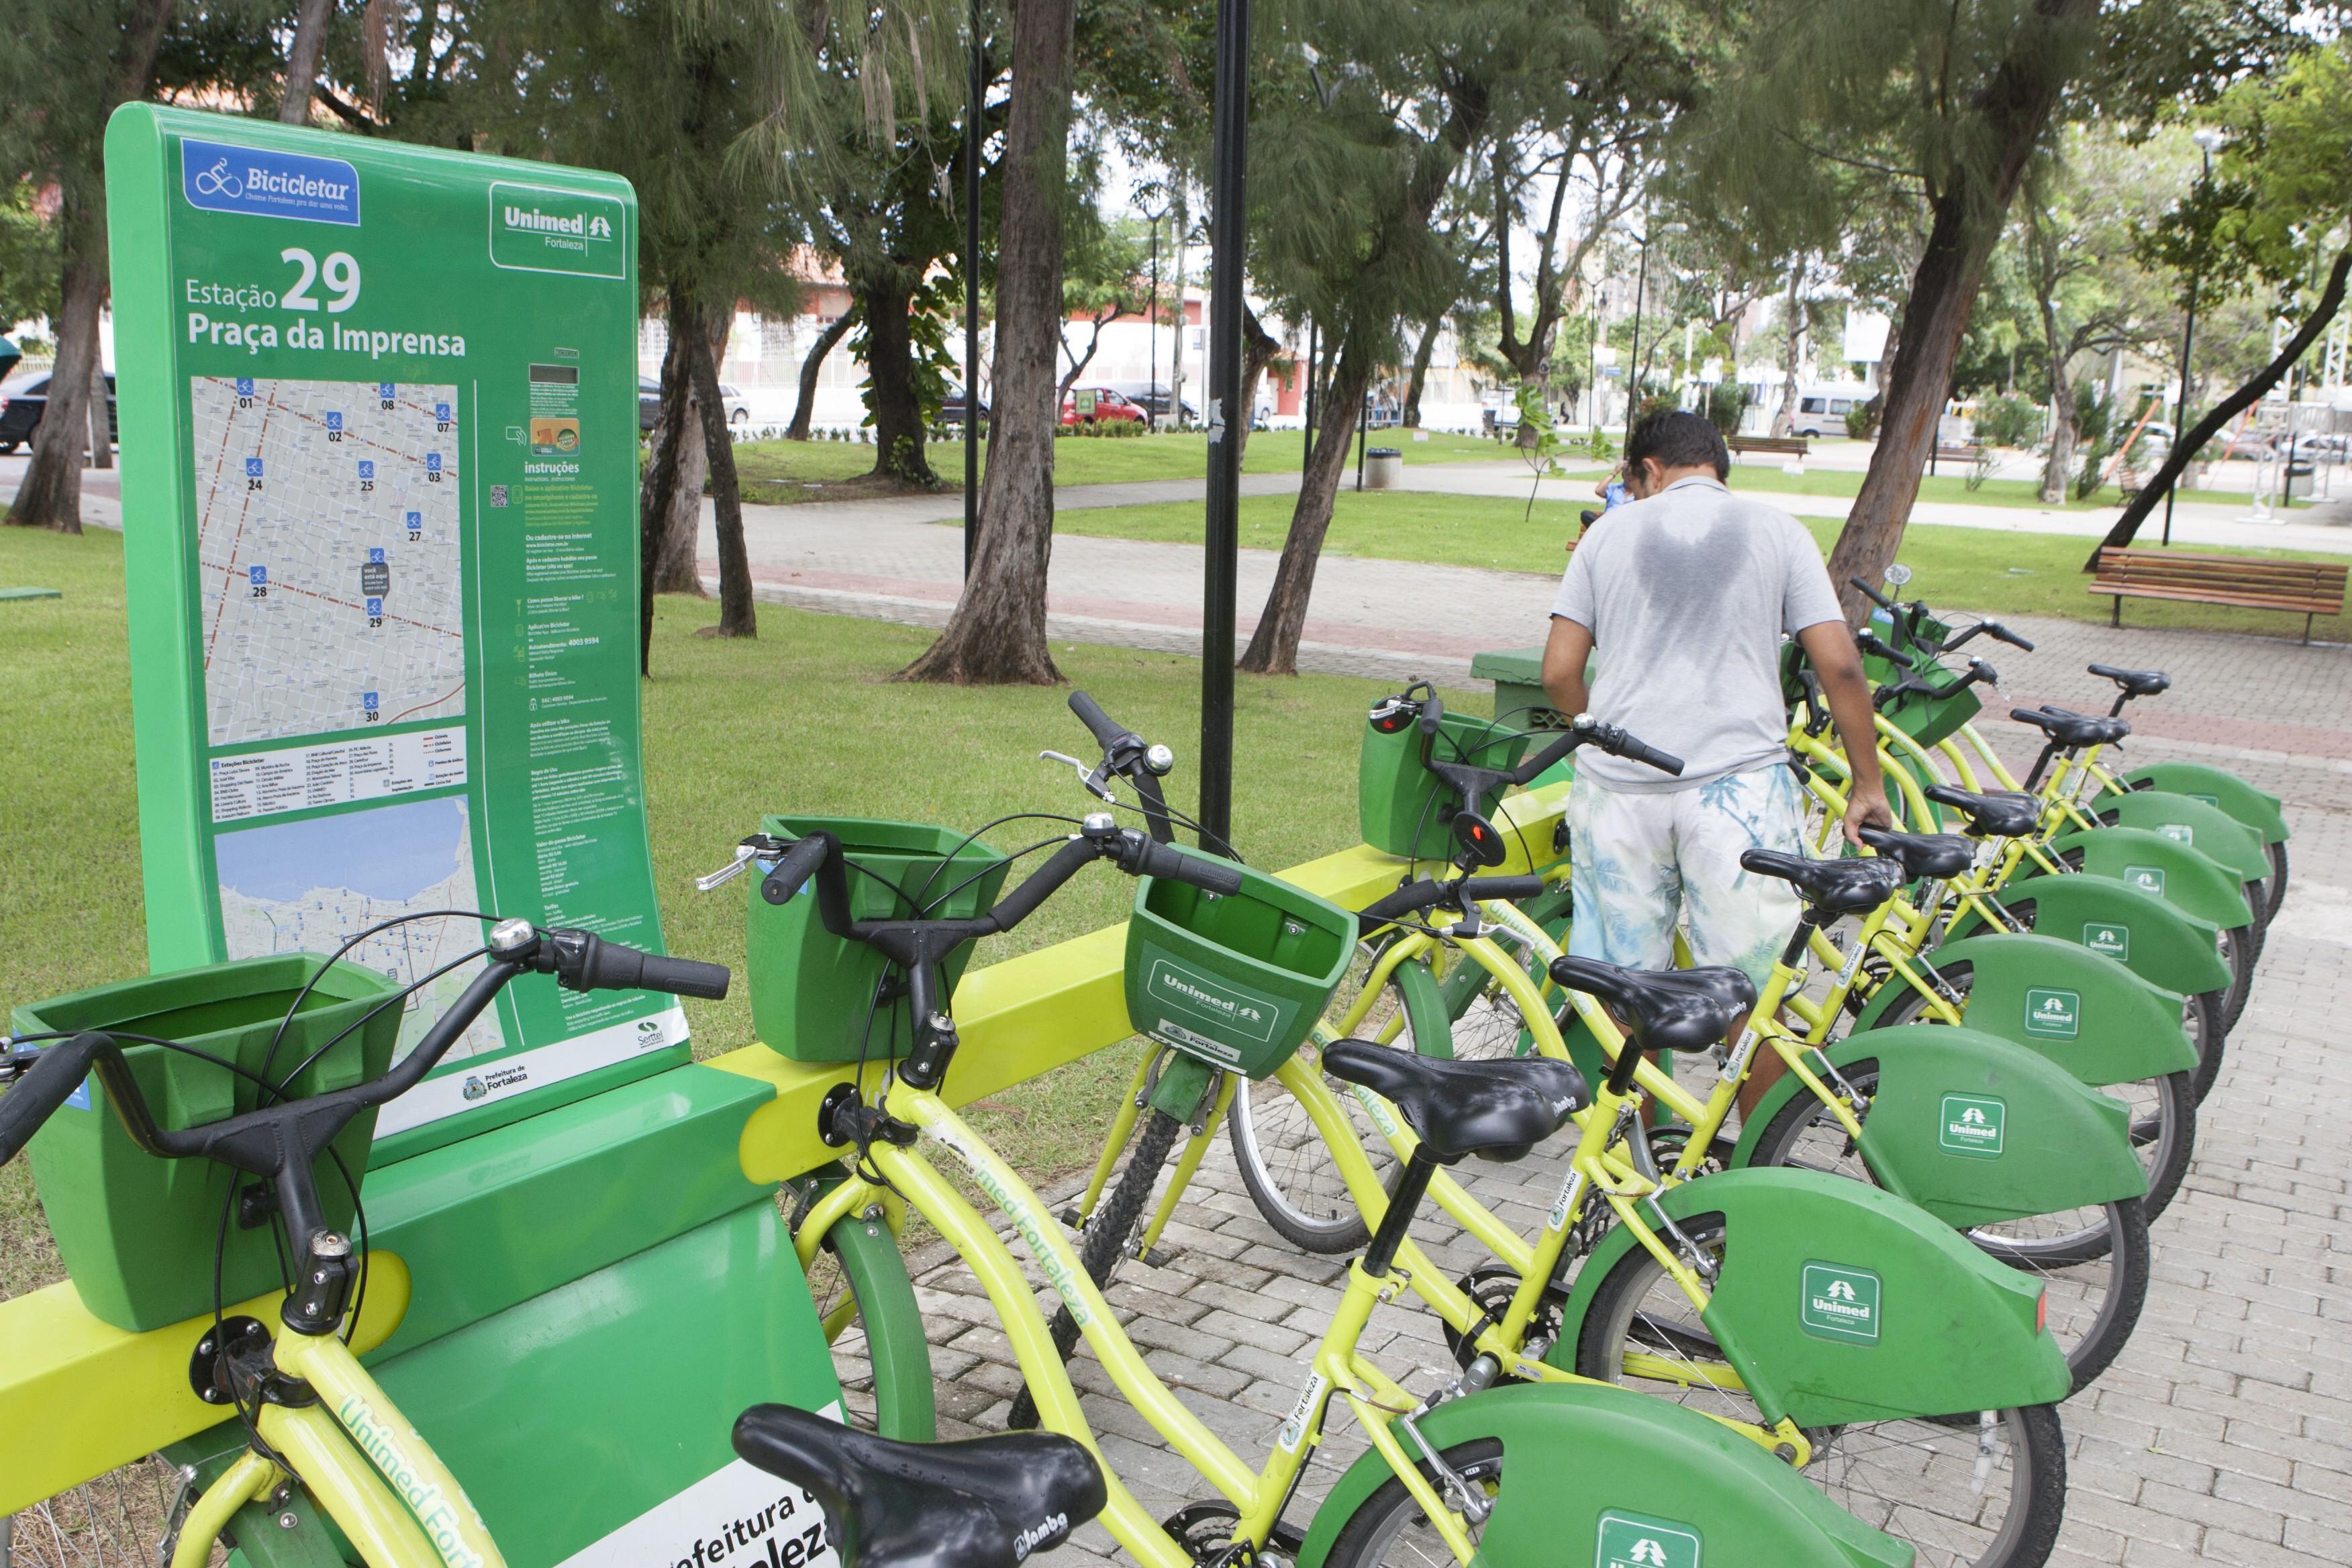 Com nova versão de aplicativo, usuários do Bicicletar podem reservar bicicletas por até 5 minutos em Fortaleza